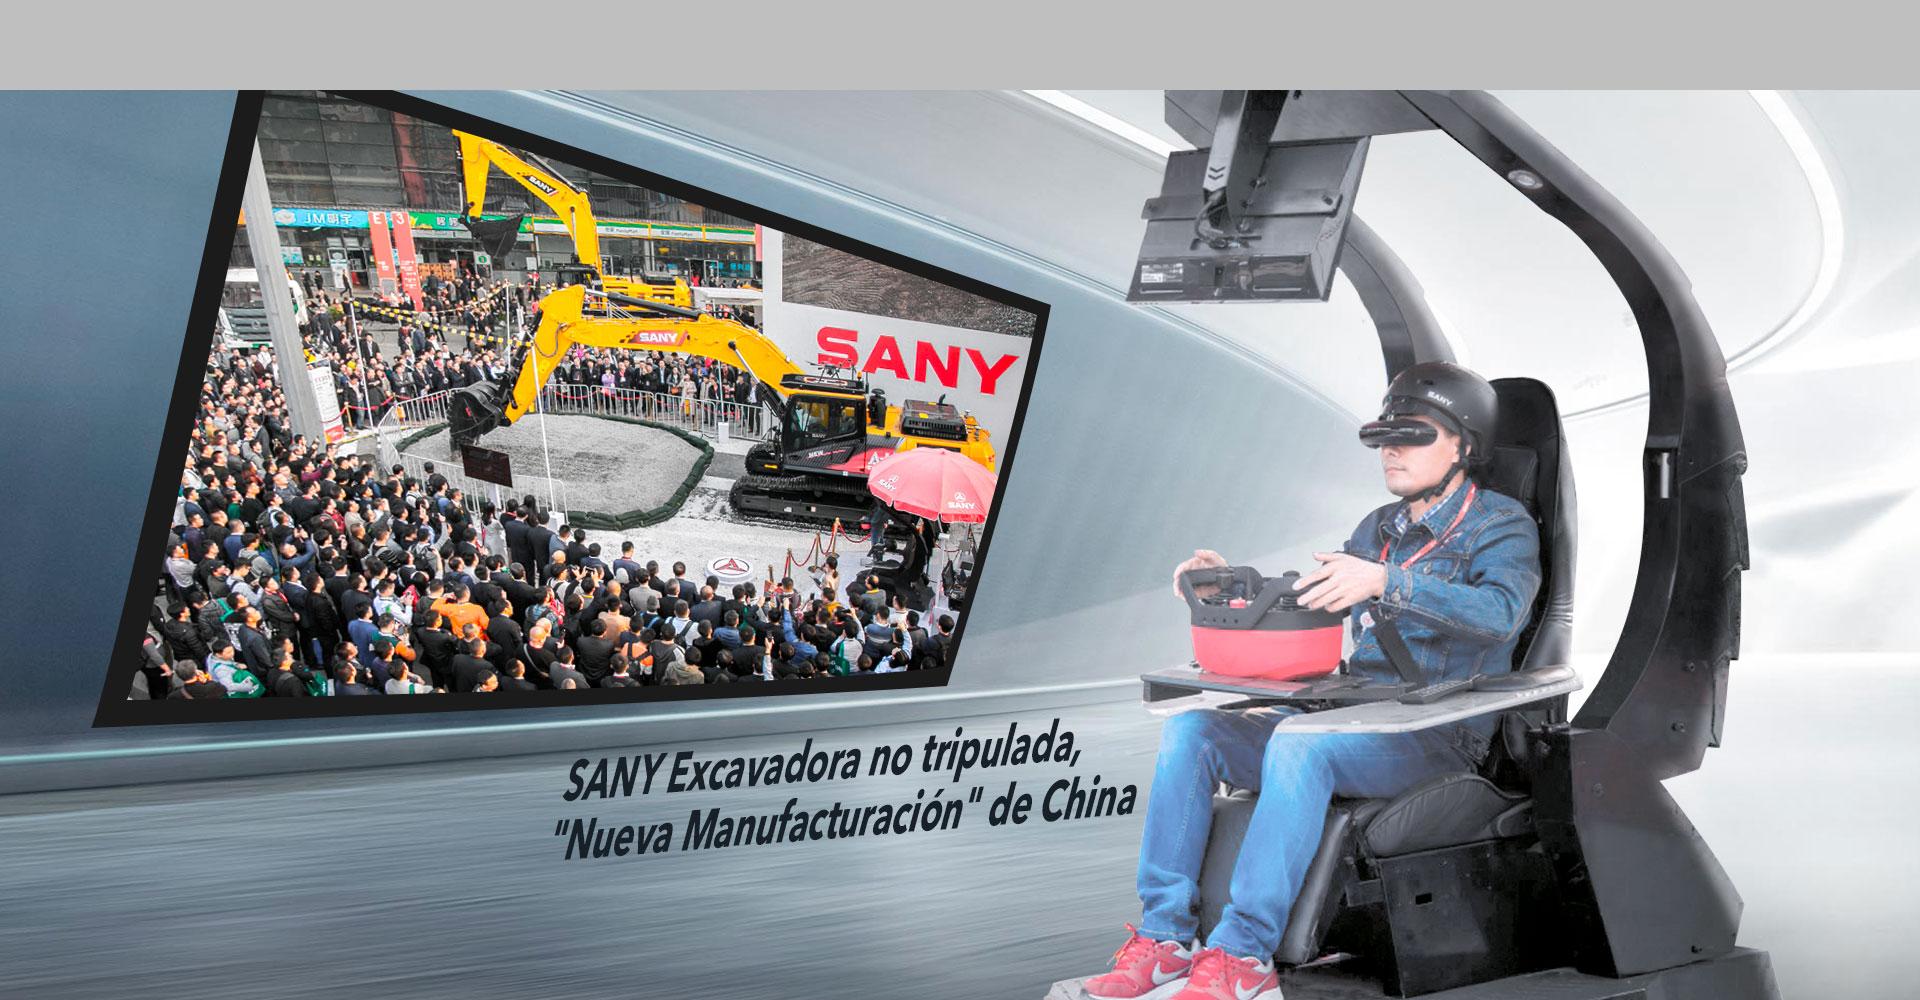 SANY EXCAVADORA NO TRIPULADA